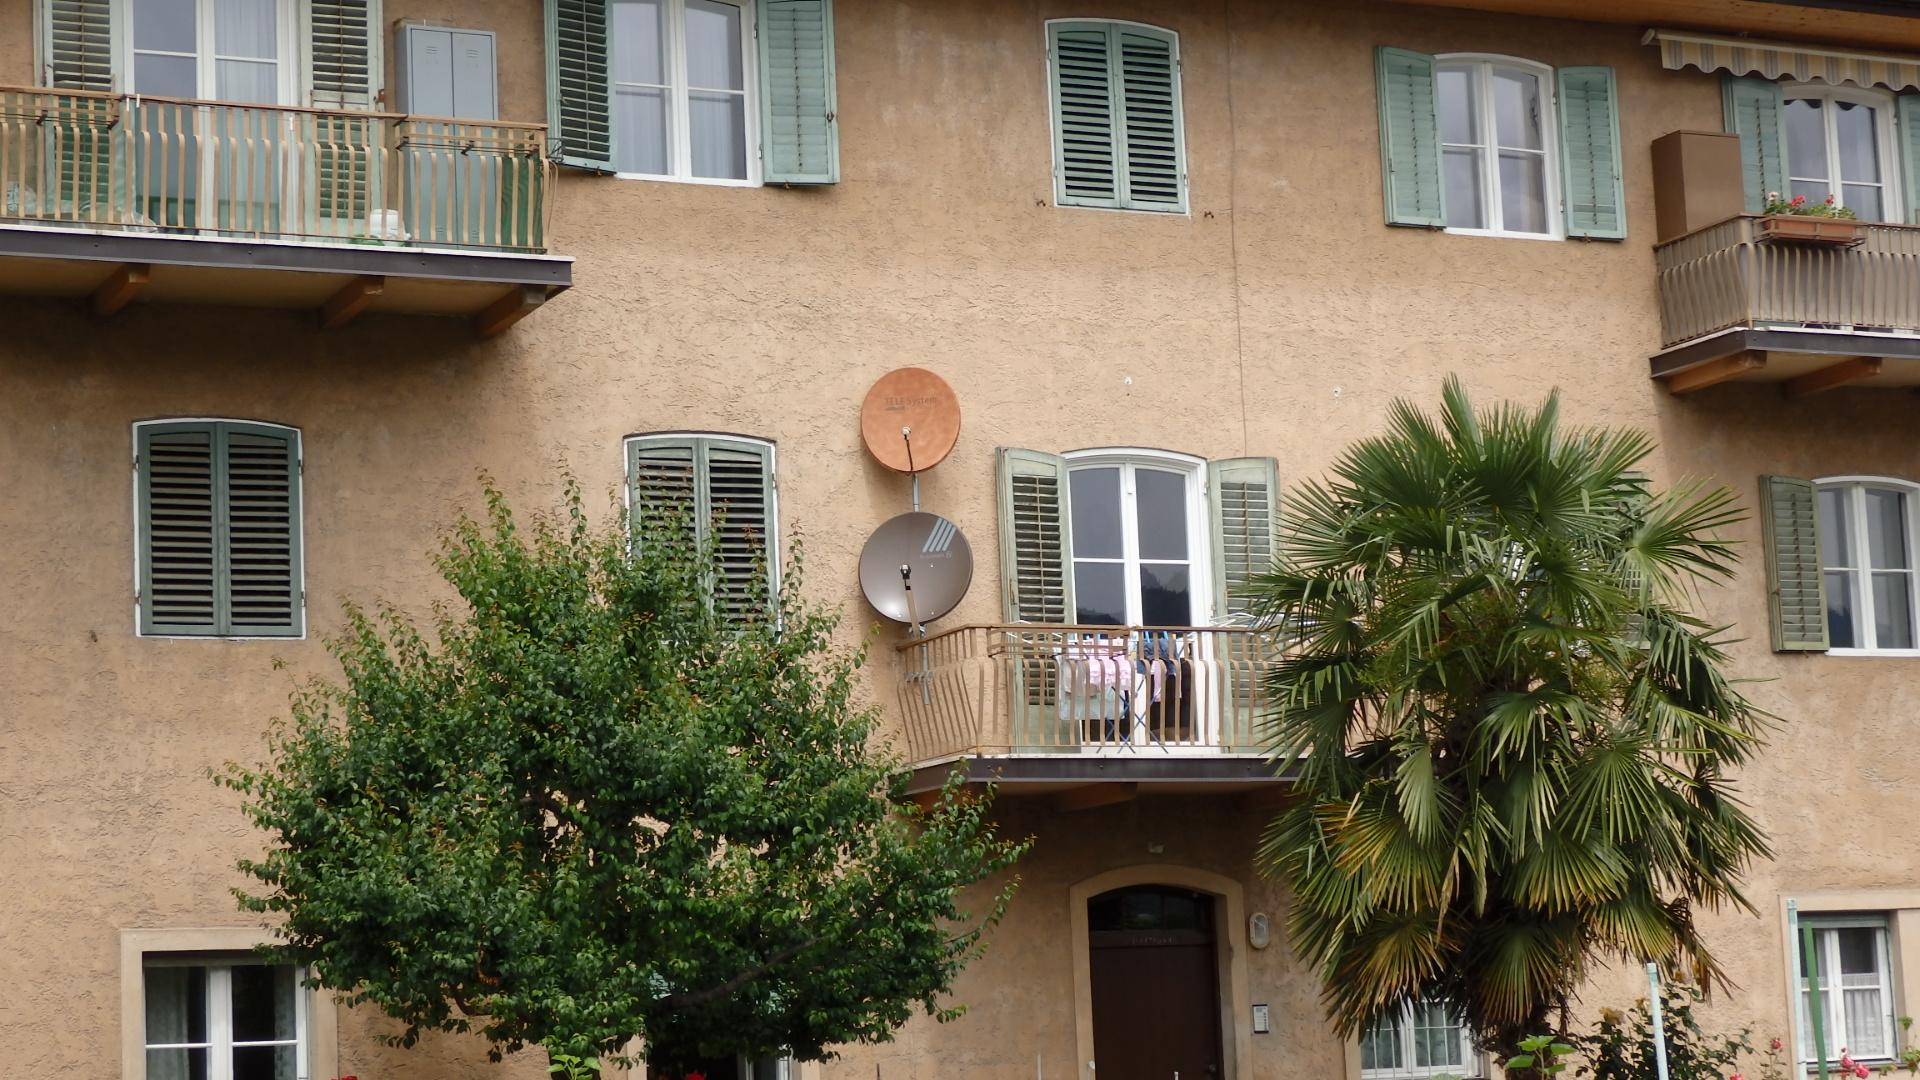 L'antenna satellitare non reca pregiudizio al decoro architettonico nei condomini orizzontali (villette a schiera)